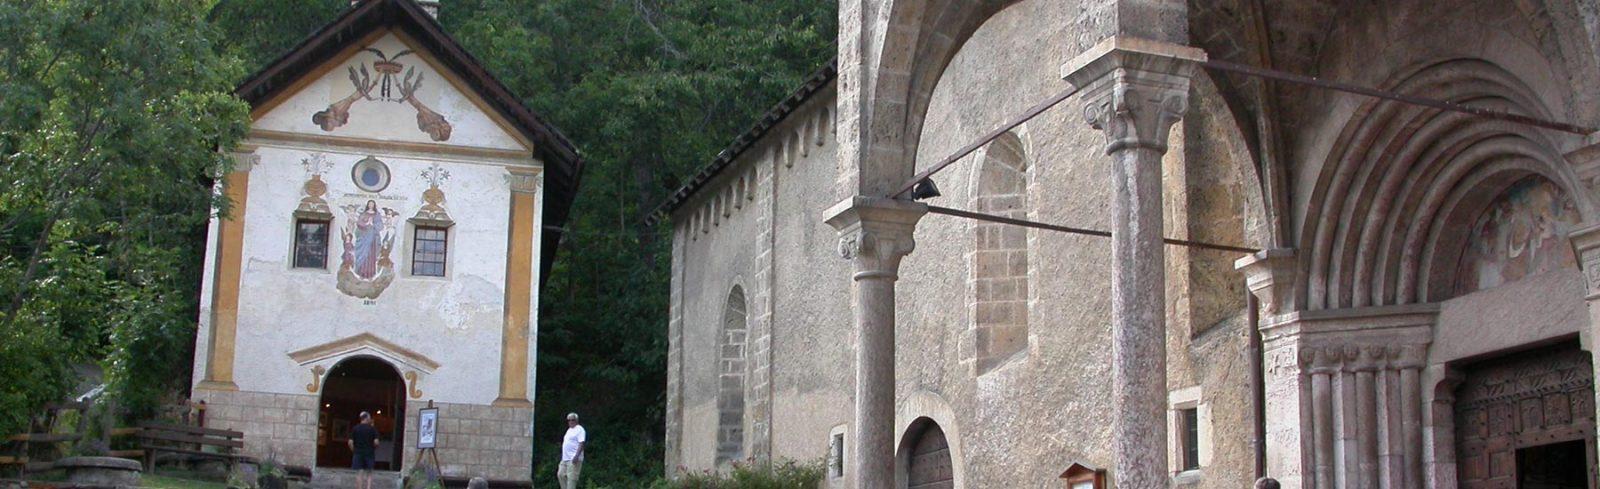 Vallouise Eglise